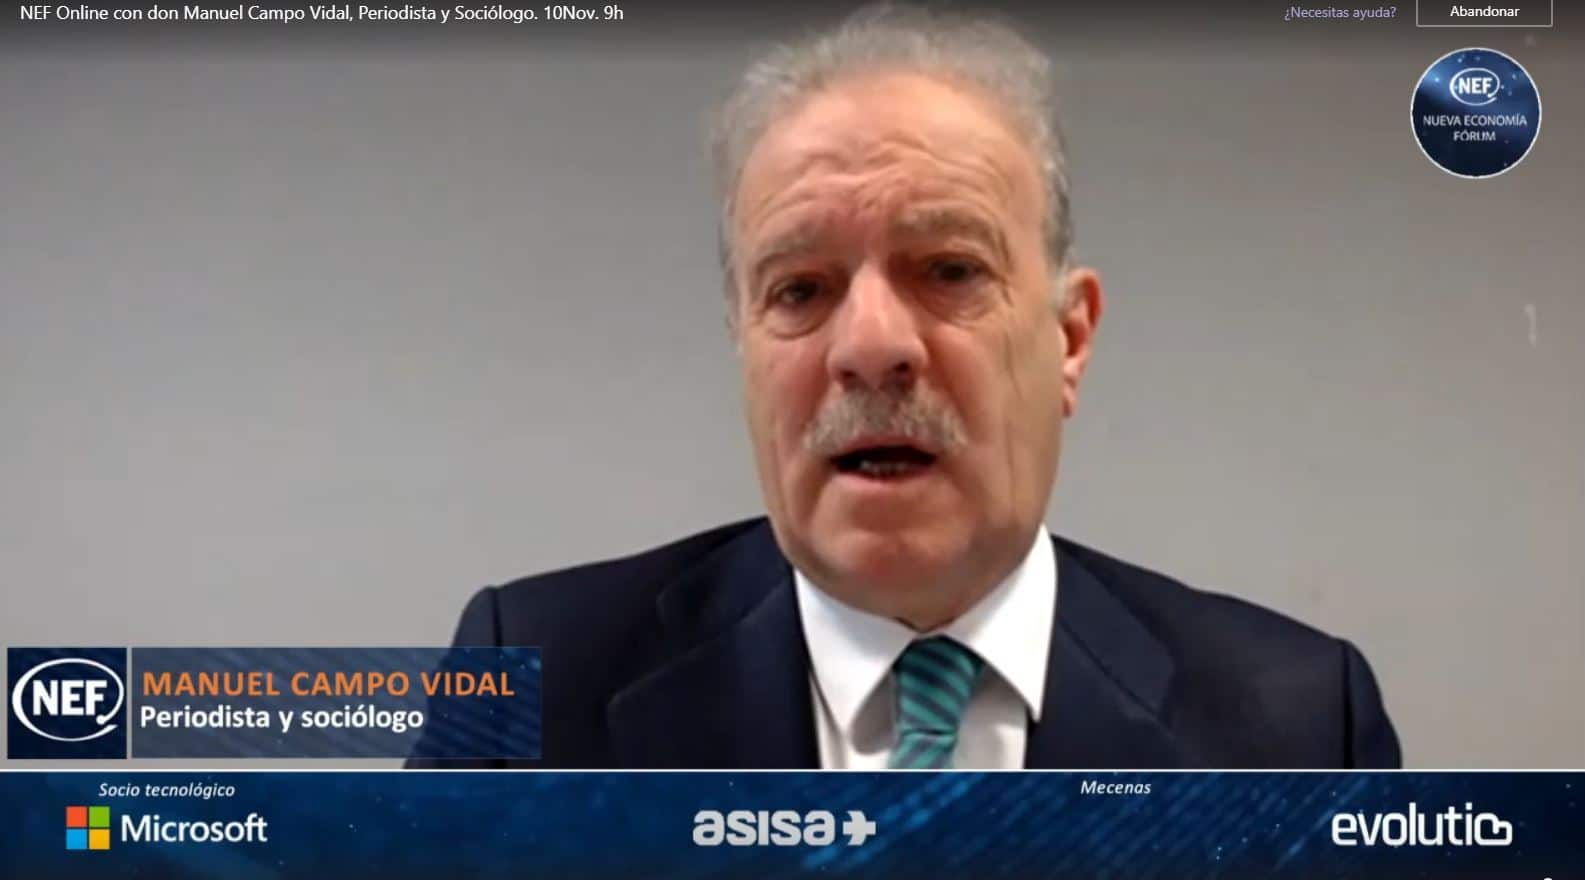 Manuel Campo Vidal habla sobre la España Despoblada en Nueva Economía Forum